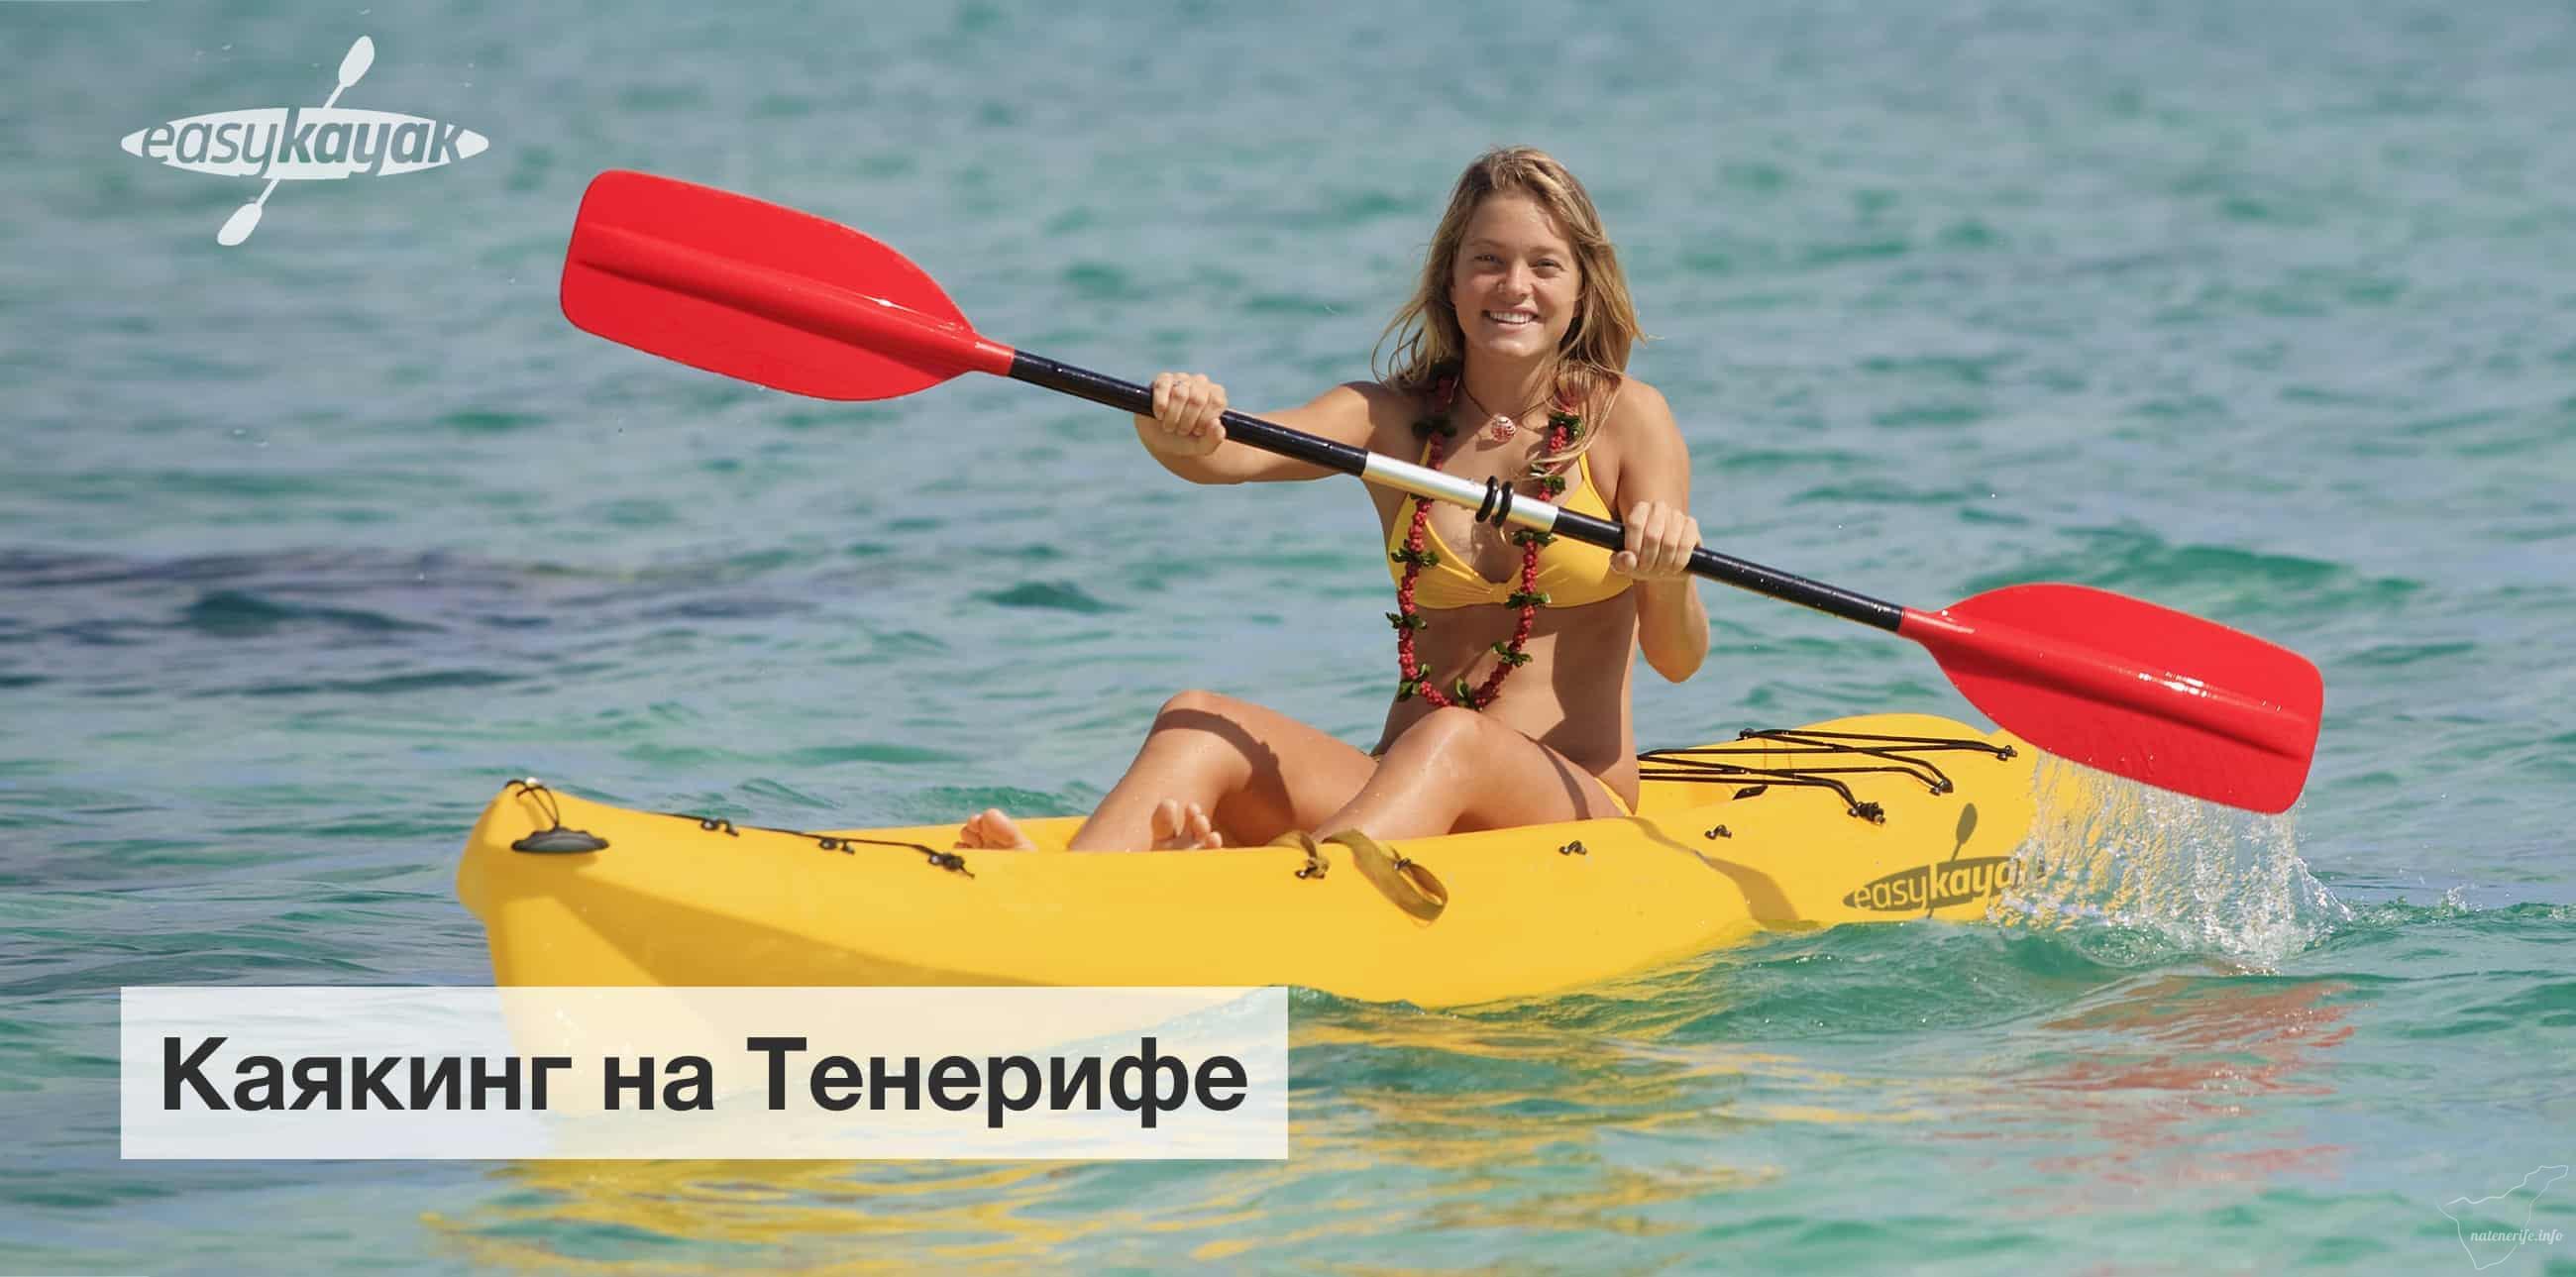 banner-easy-kayak-ru-1